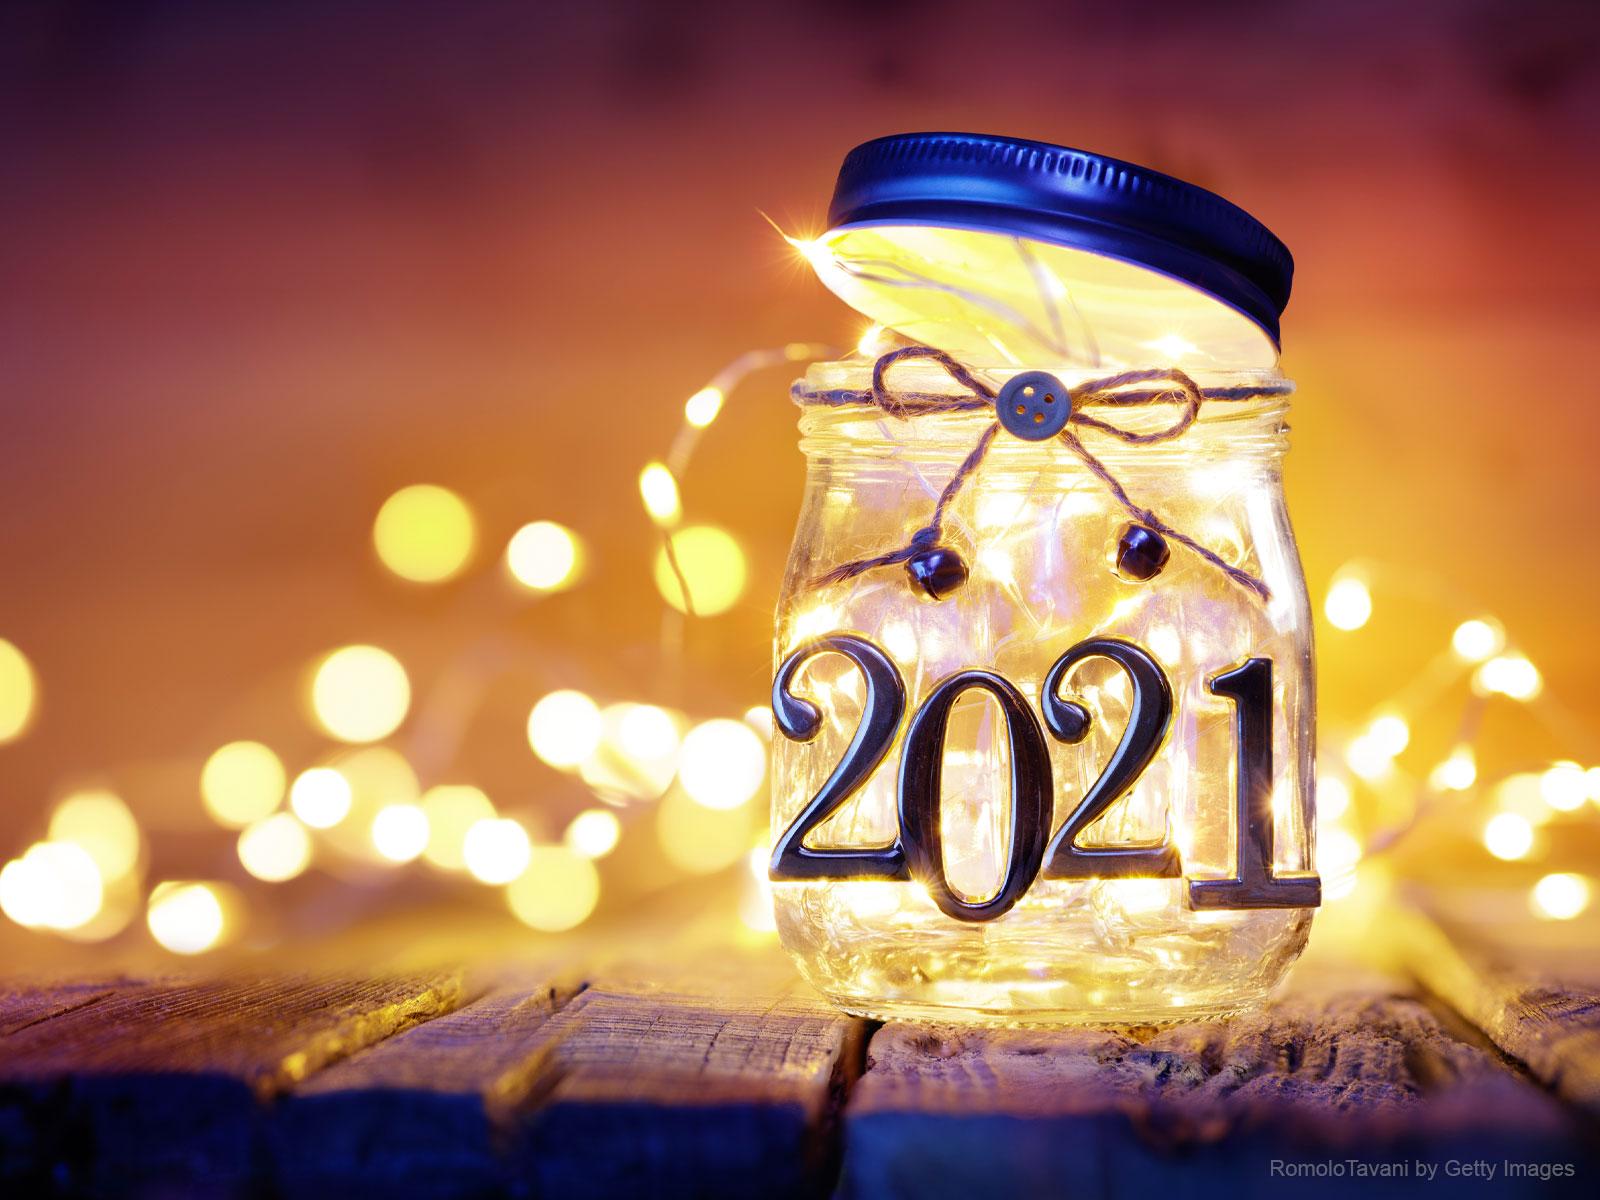 Ano novo, vida nova: o clichê que traz revisão de vida